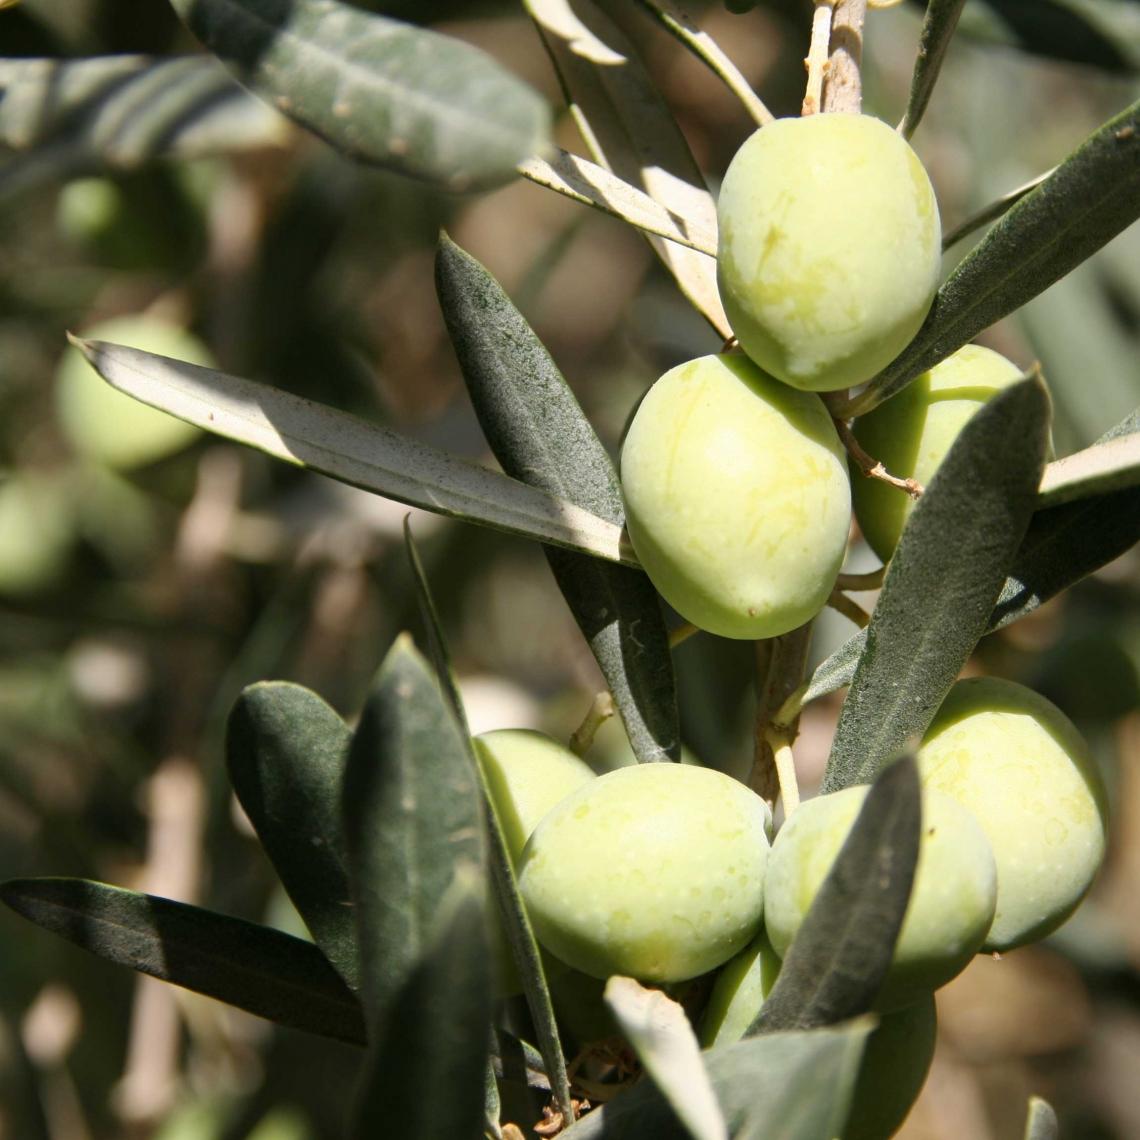 L'influenza della concimazione azotata sulla qualità dell'olio extra vergine d'oliva